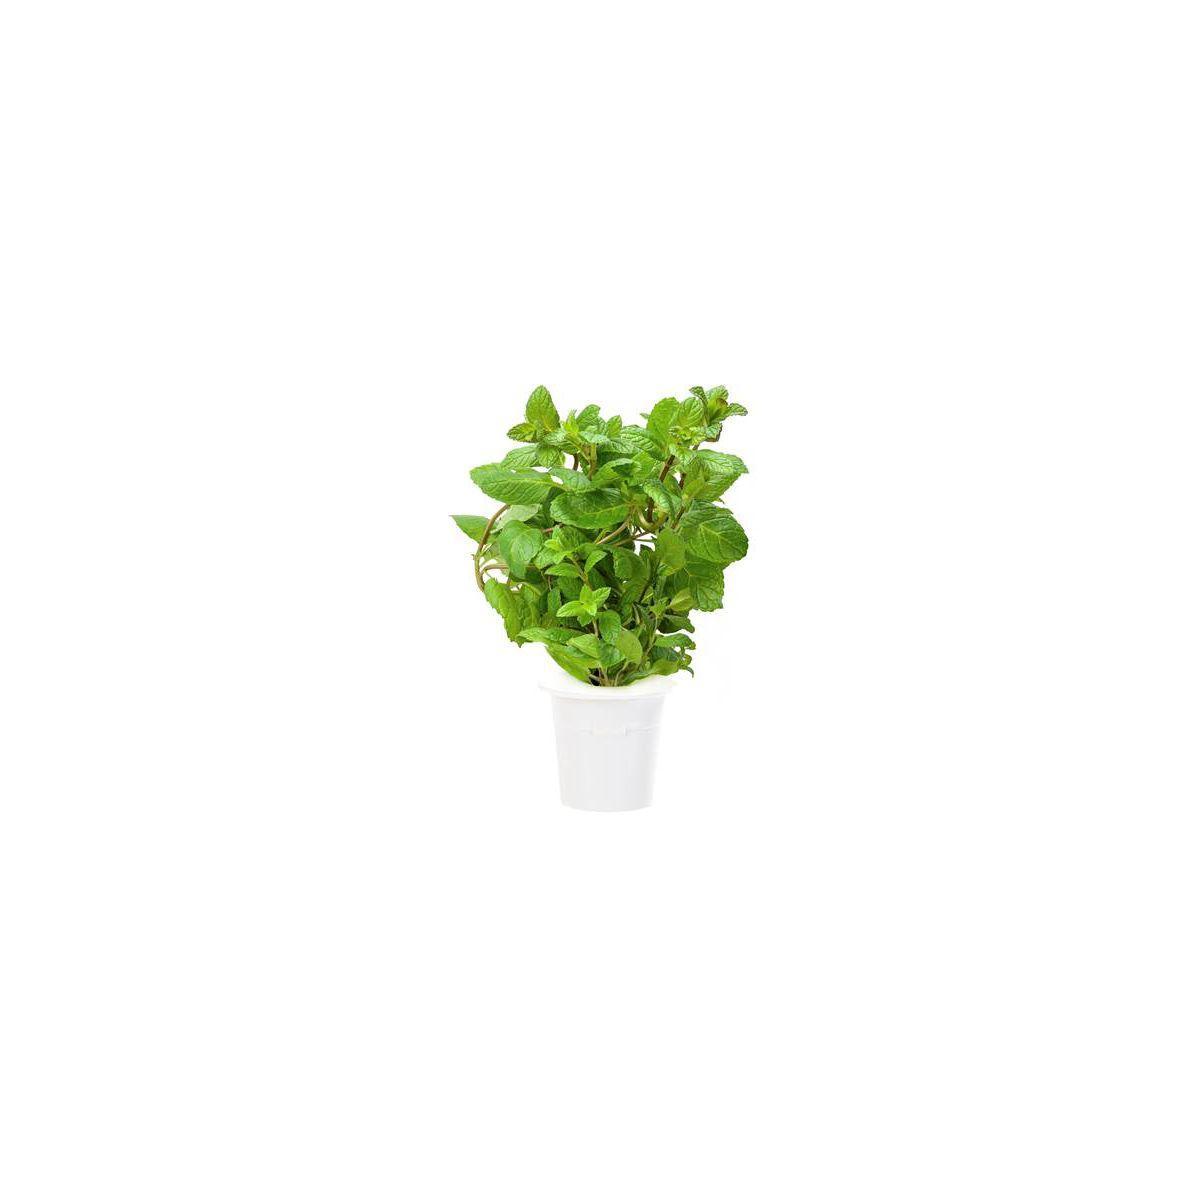 Recharge jardin int�rieur click and grow menthe poivr�e lot de 3 - 10% de remise imm�diate avec le code : deal10 (photo)